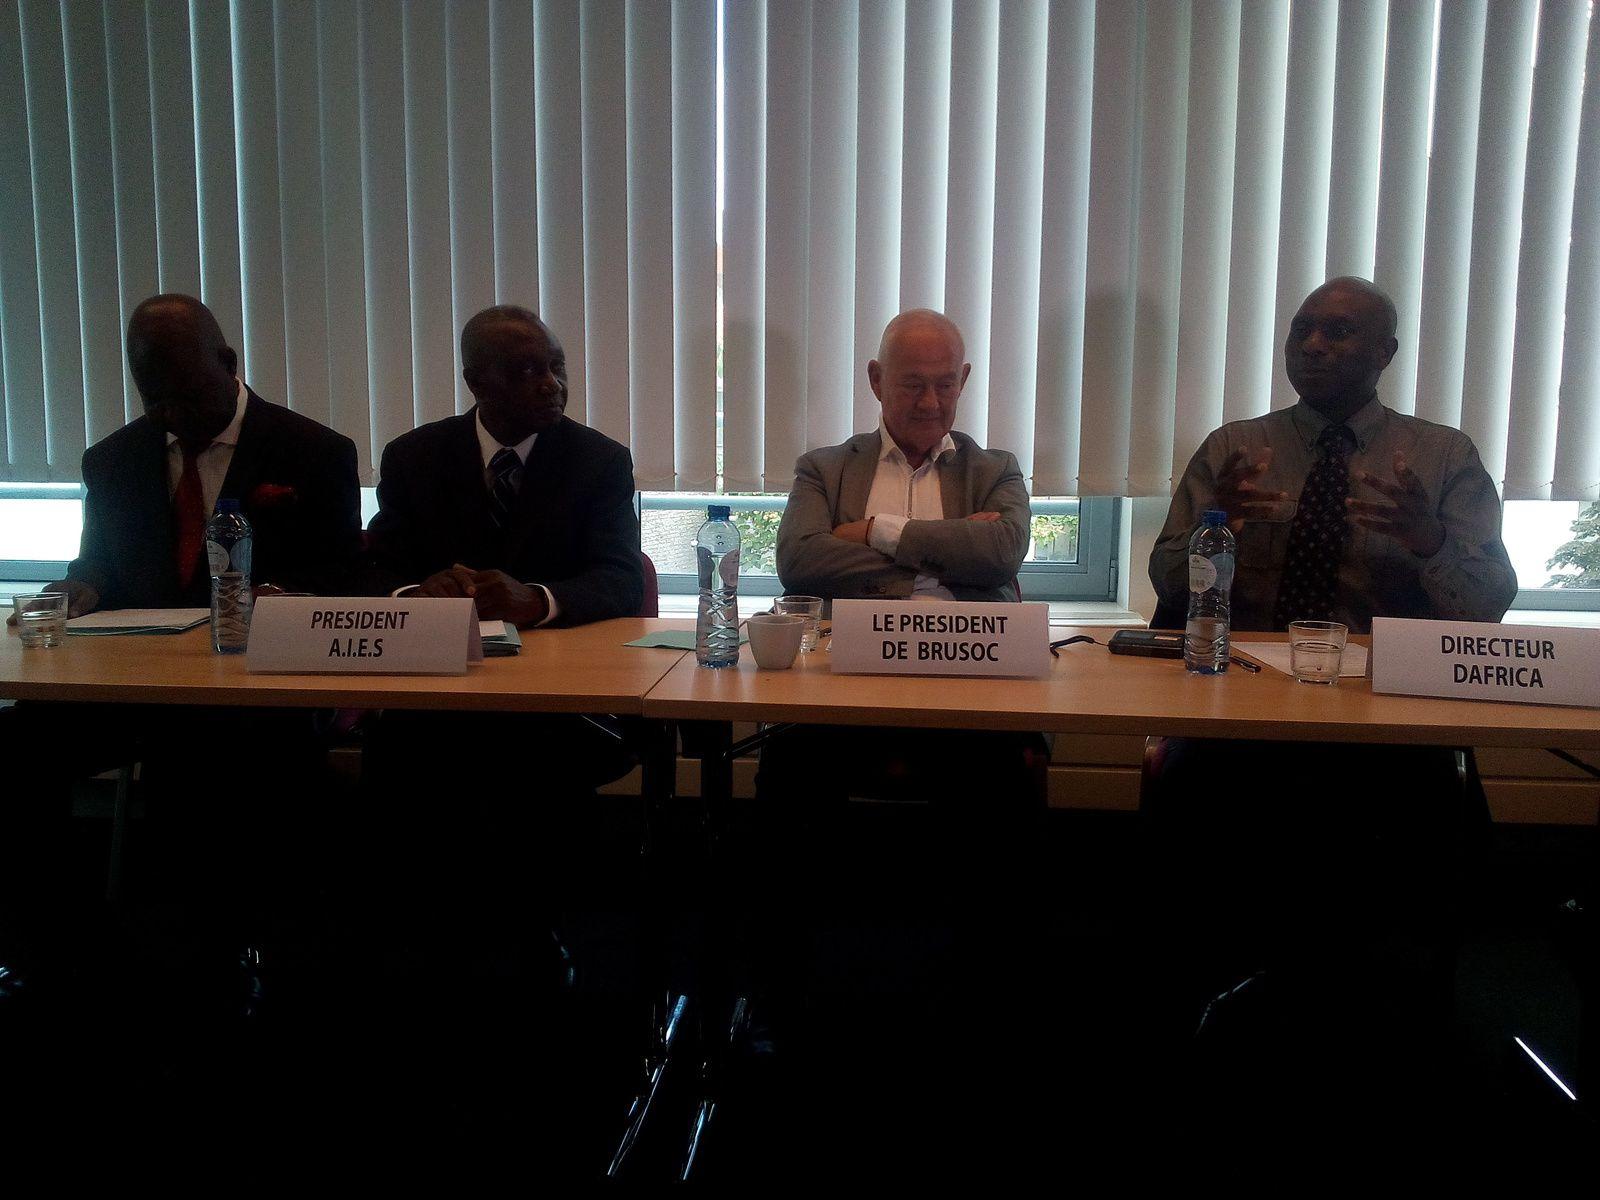 Bruxelles. Colloque , Comment améliorer l'entrepreneuriat africain en Belgique